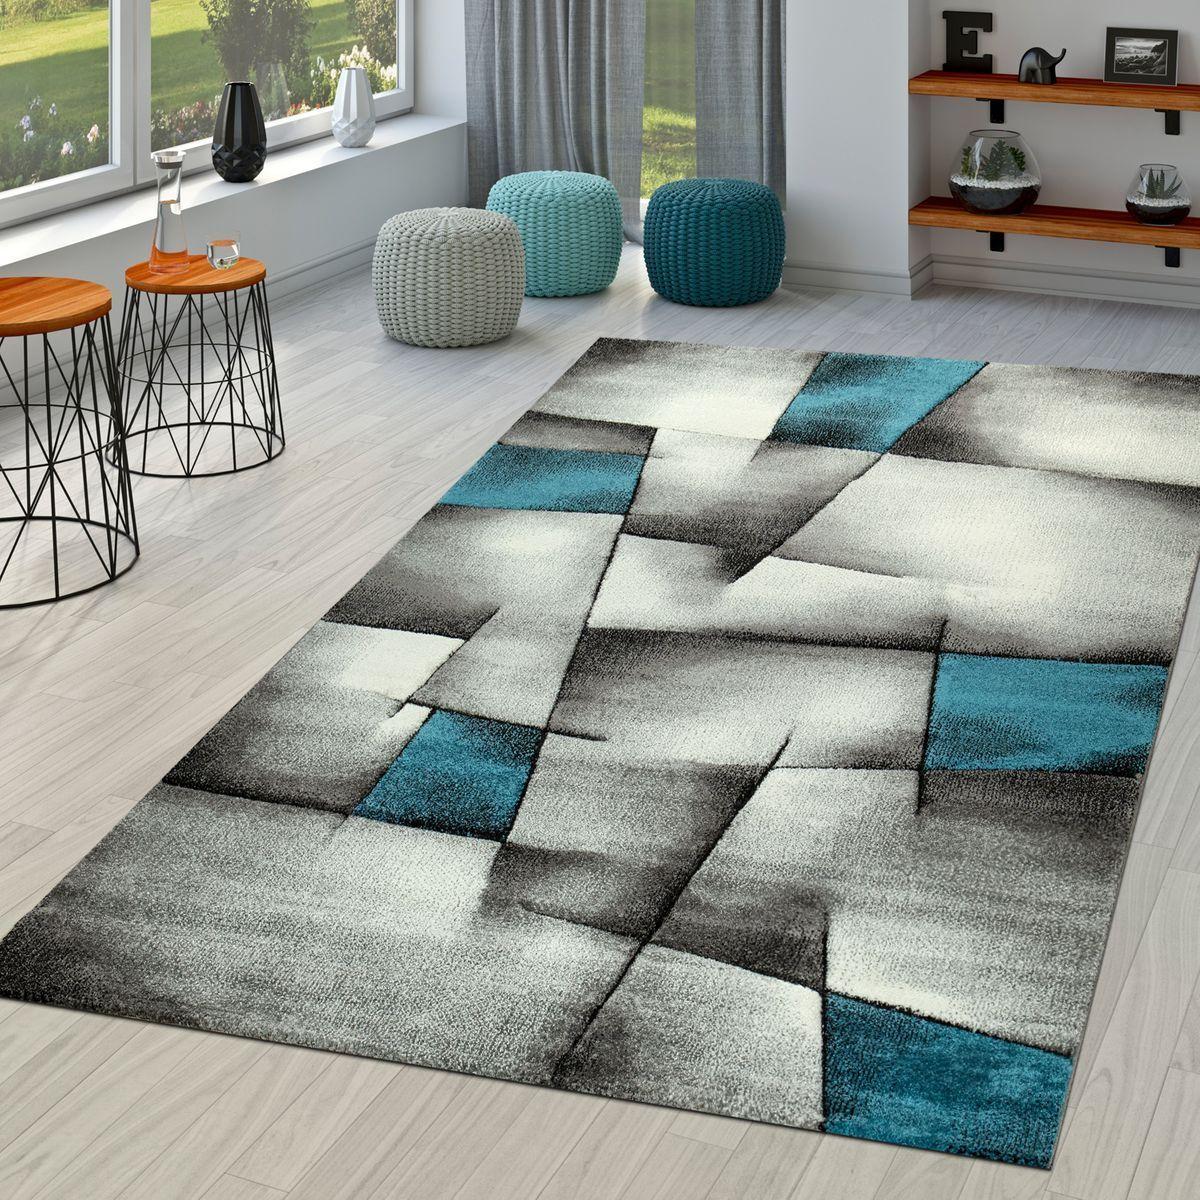 Kurzflor Teppich Modern Wohnzimmer Karo Design Konturenschnitt In Grau Türkis | Konzentrieren Sie sich auf das Babyleben